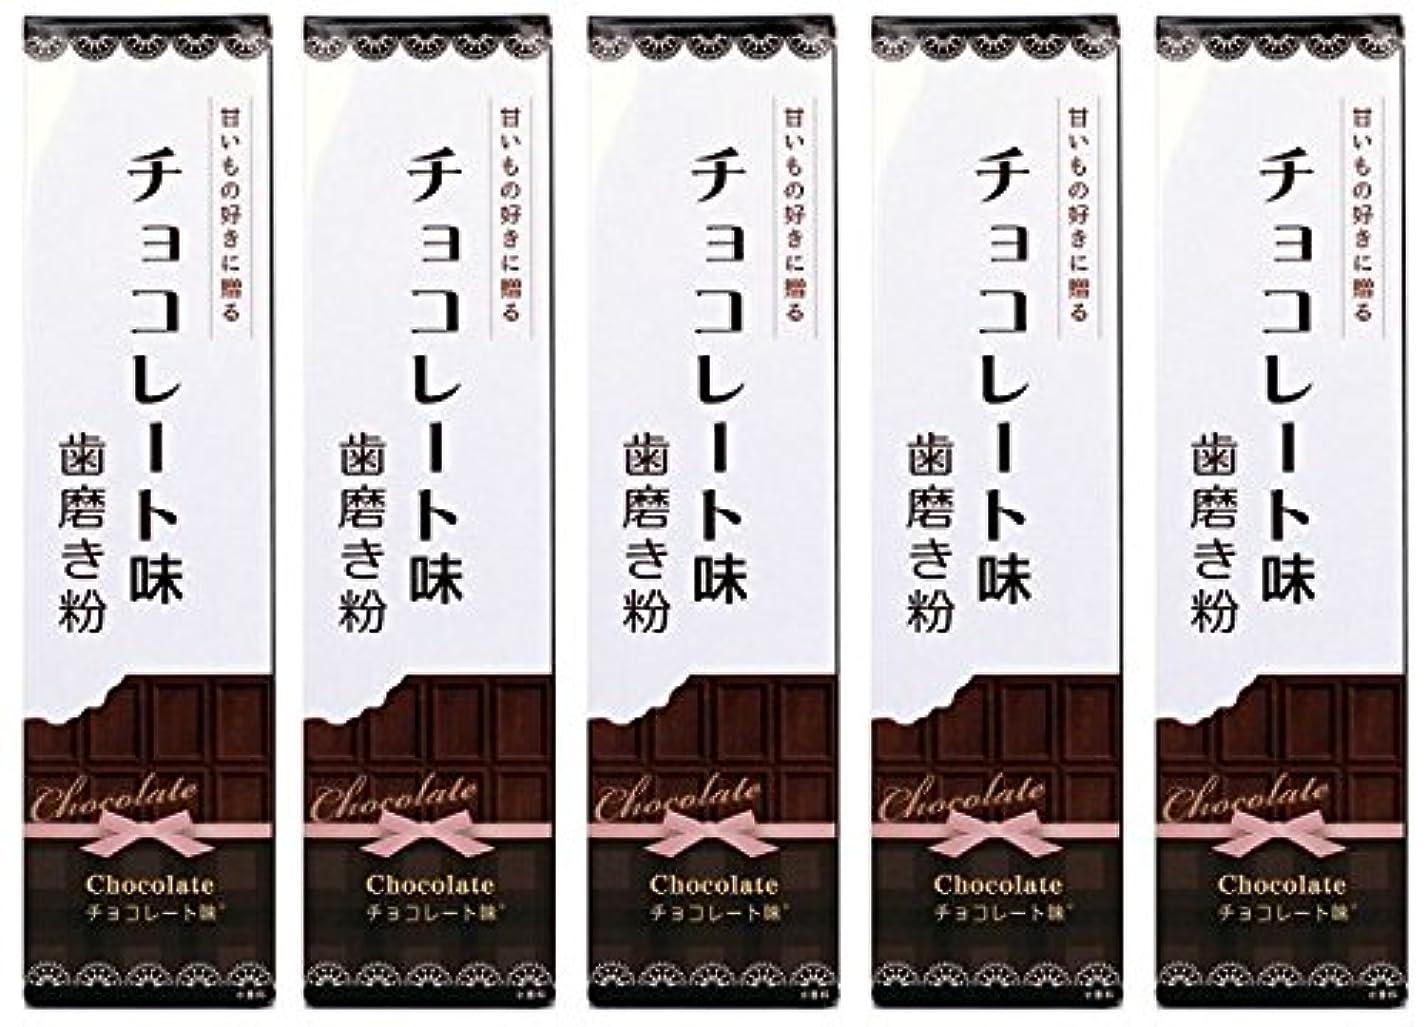 プレート繁栄ぬるいSWEETS 歯磨き粉 チョコレート味 70g (5本)